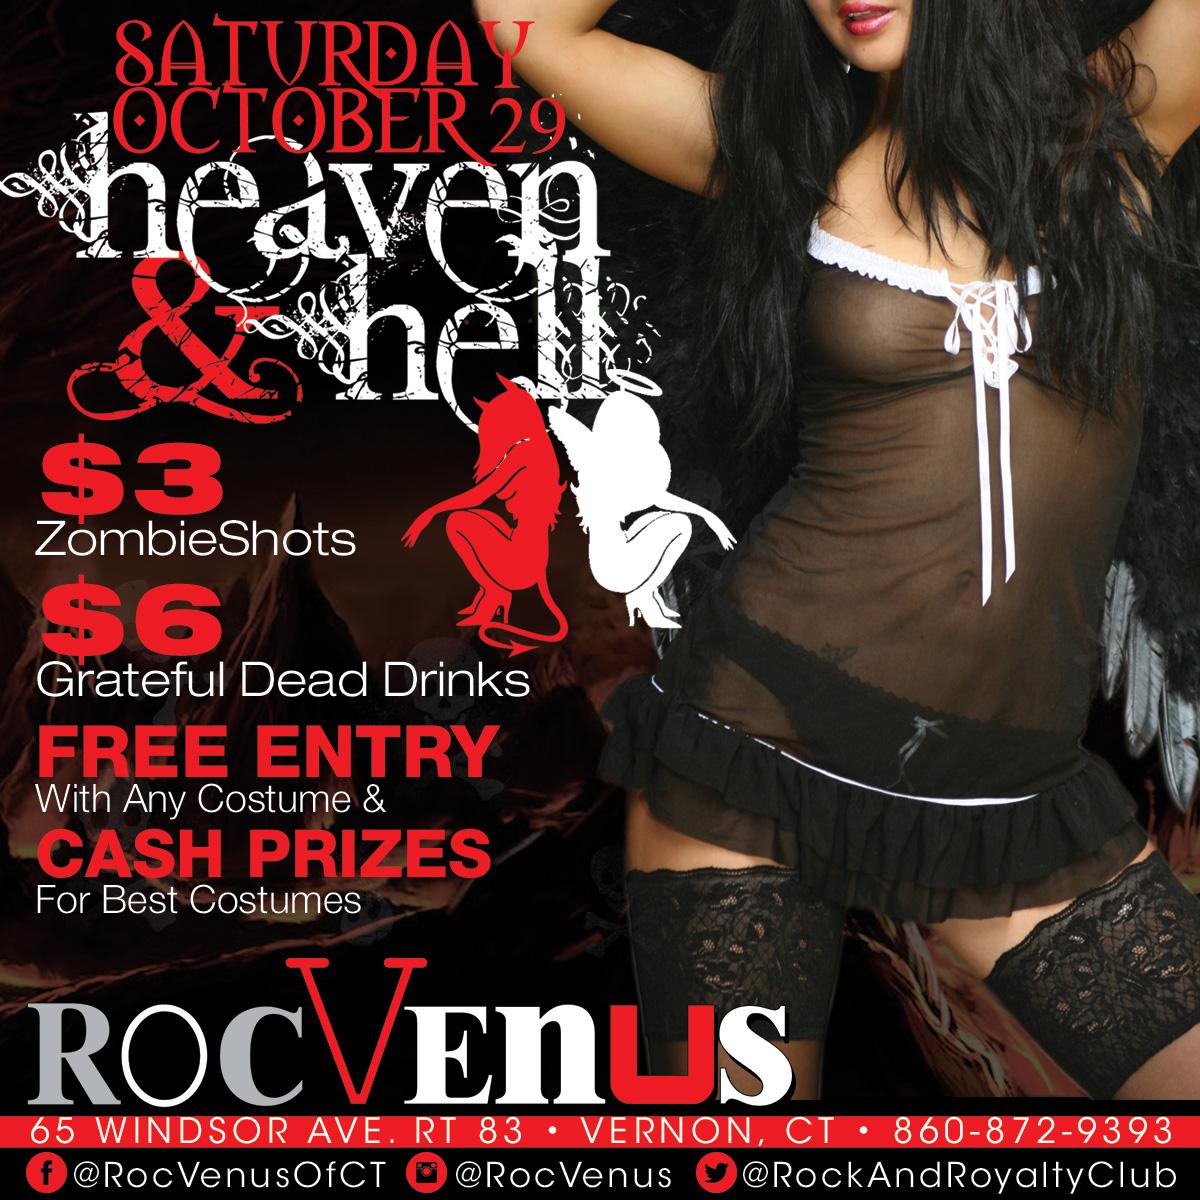 Heaven & Hell | RocVenus Strip Club Connecticut